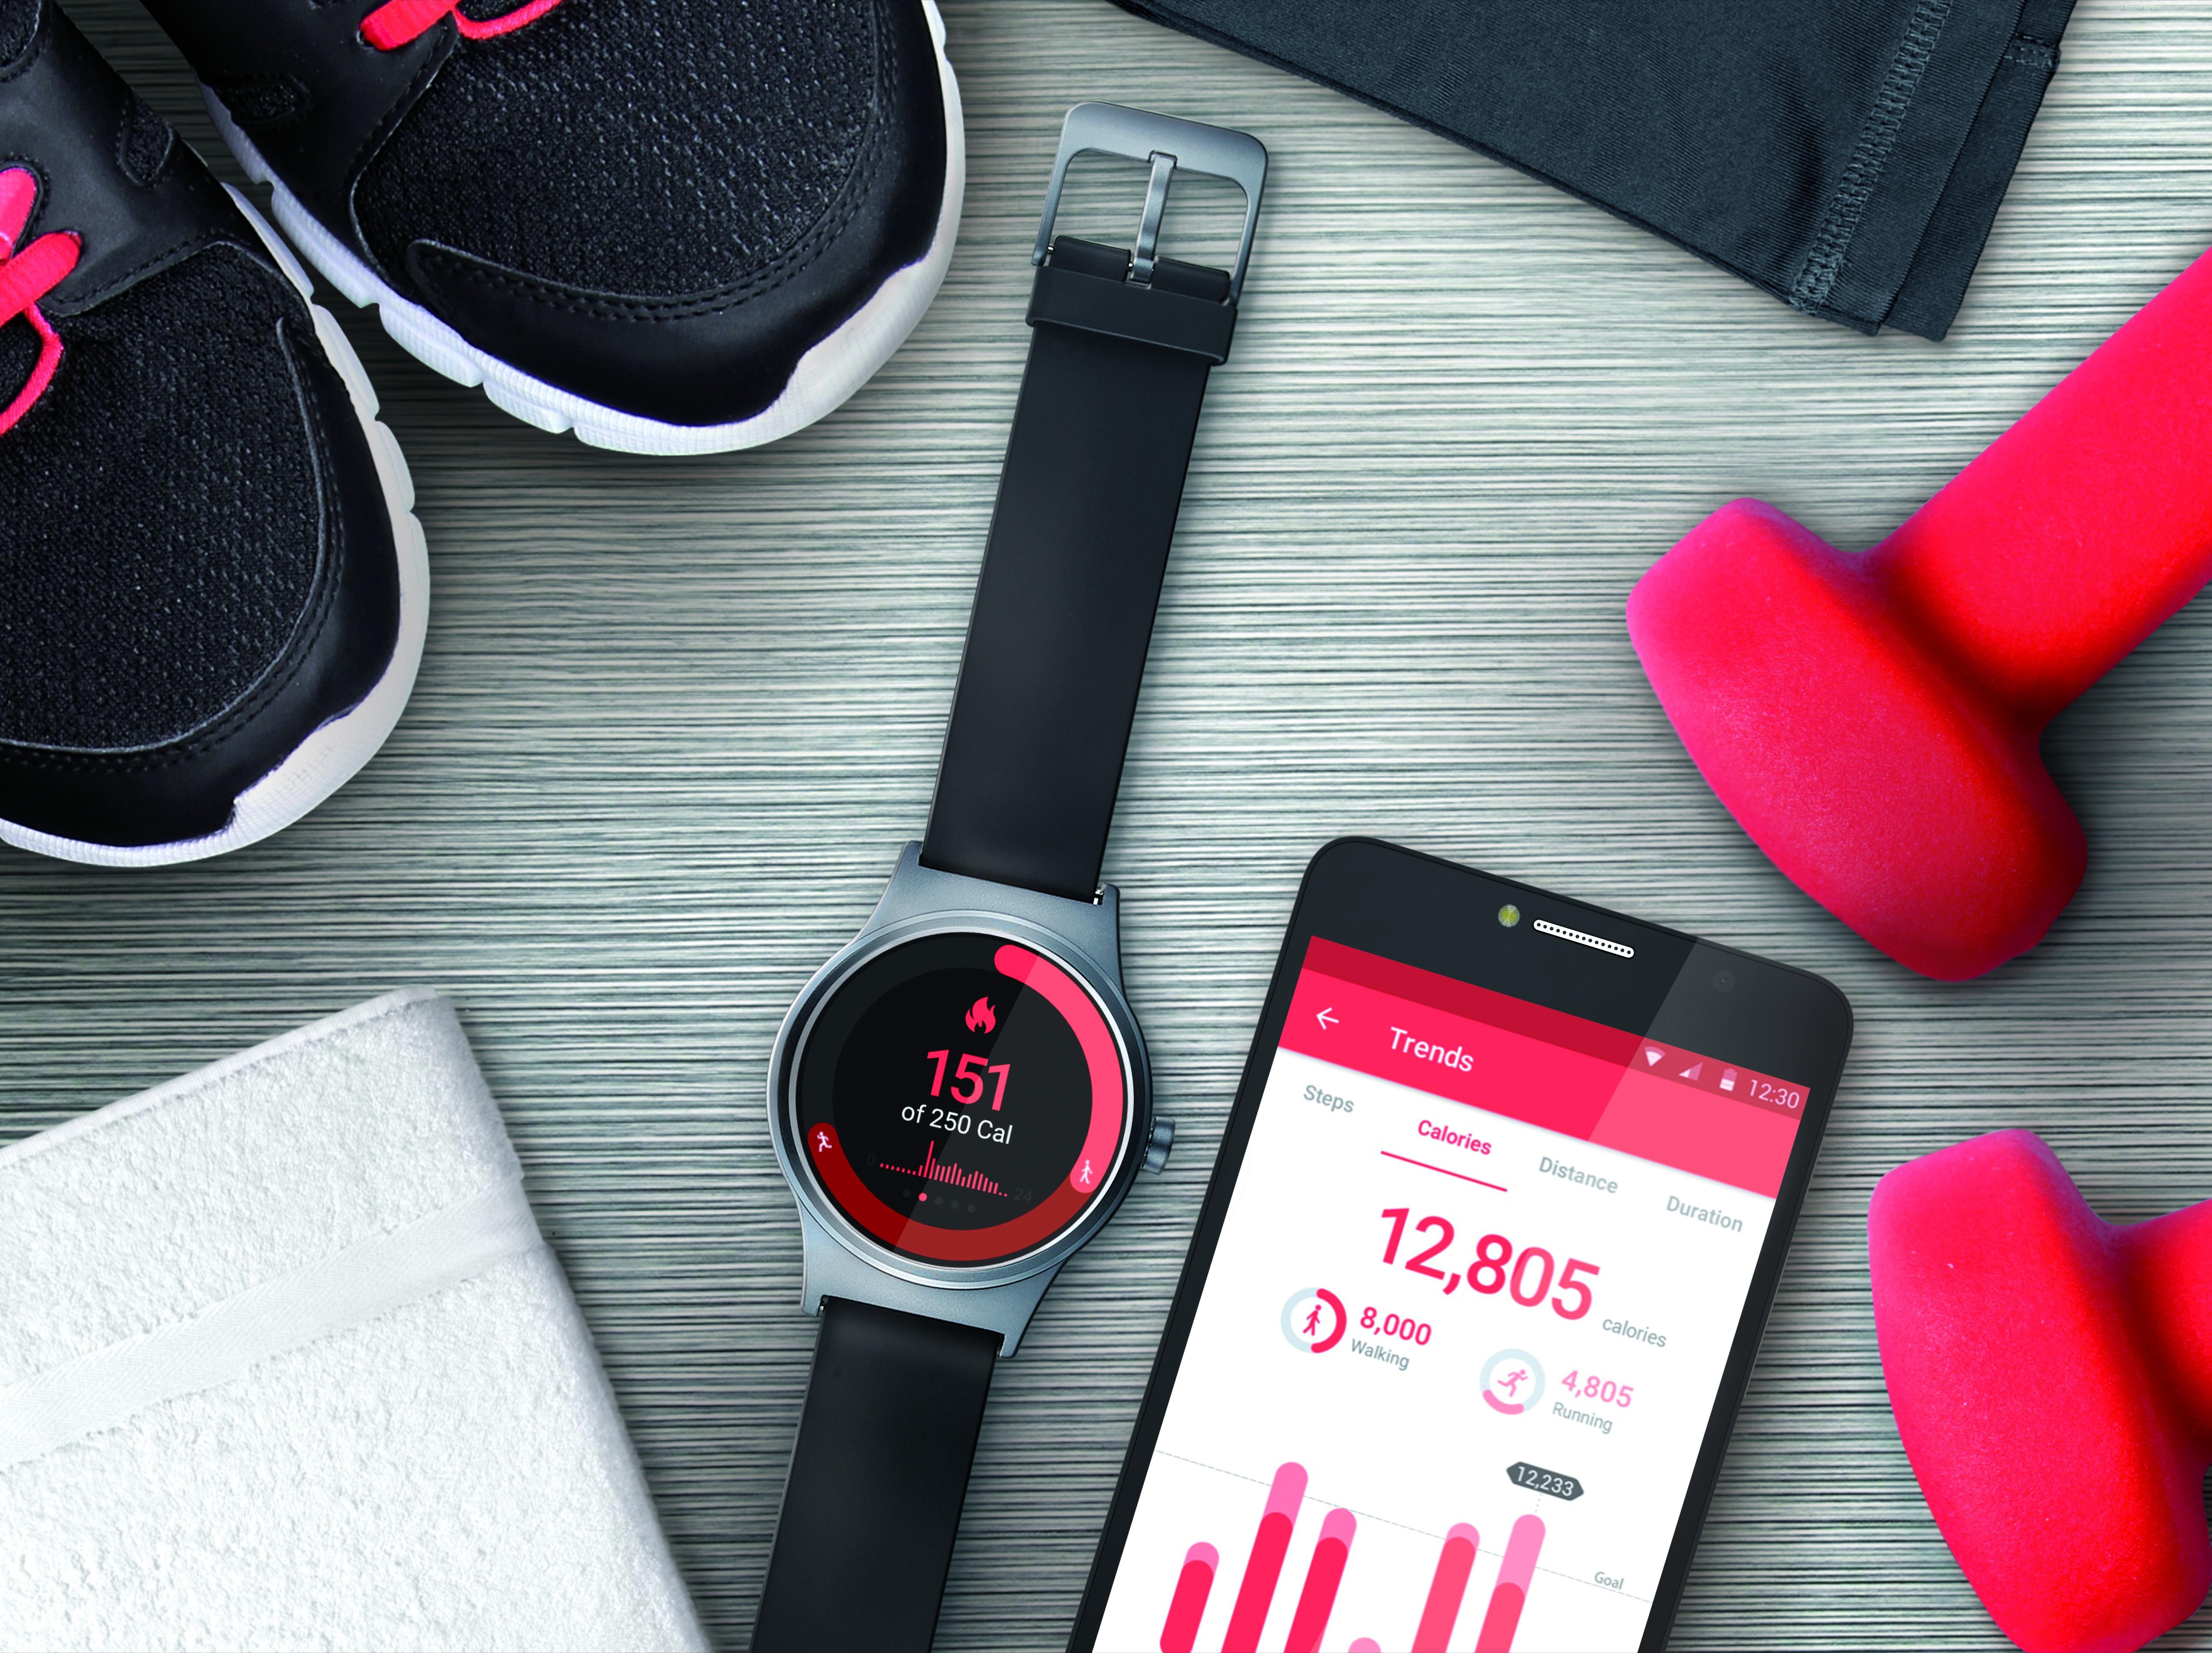 Картинка: Смарт часы, телефон, кроссовки, полотенце, гантели